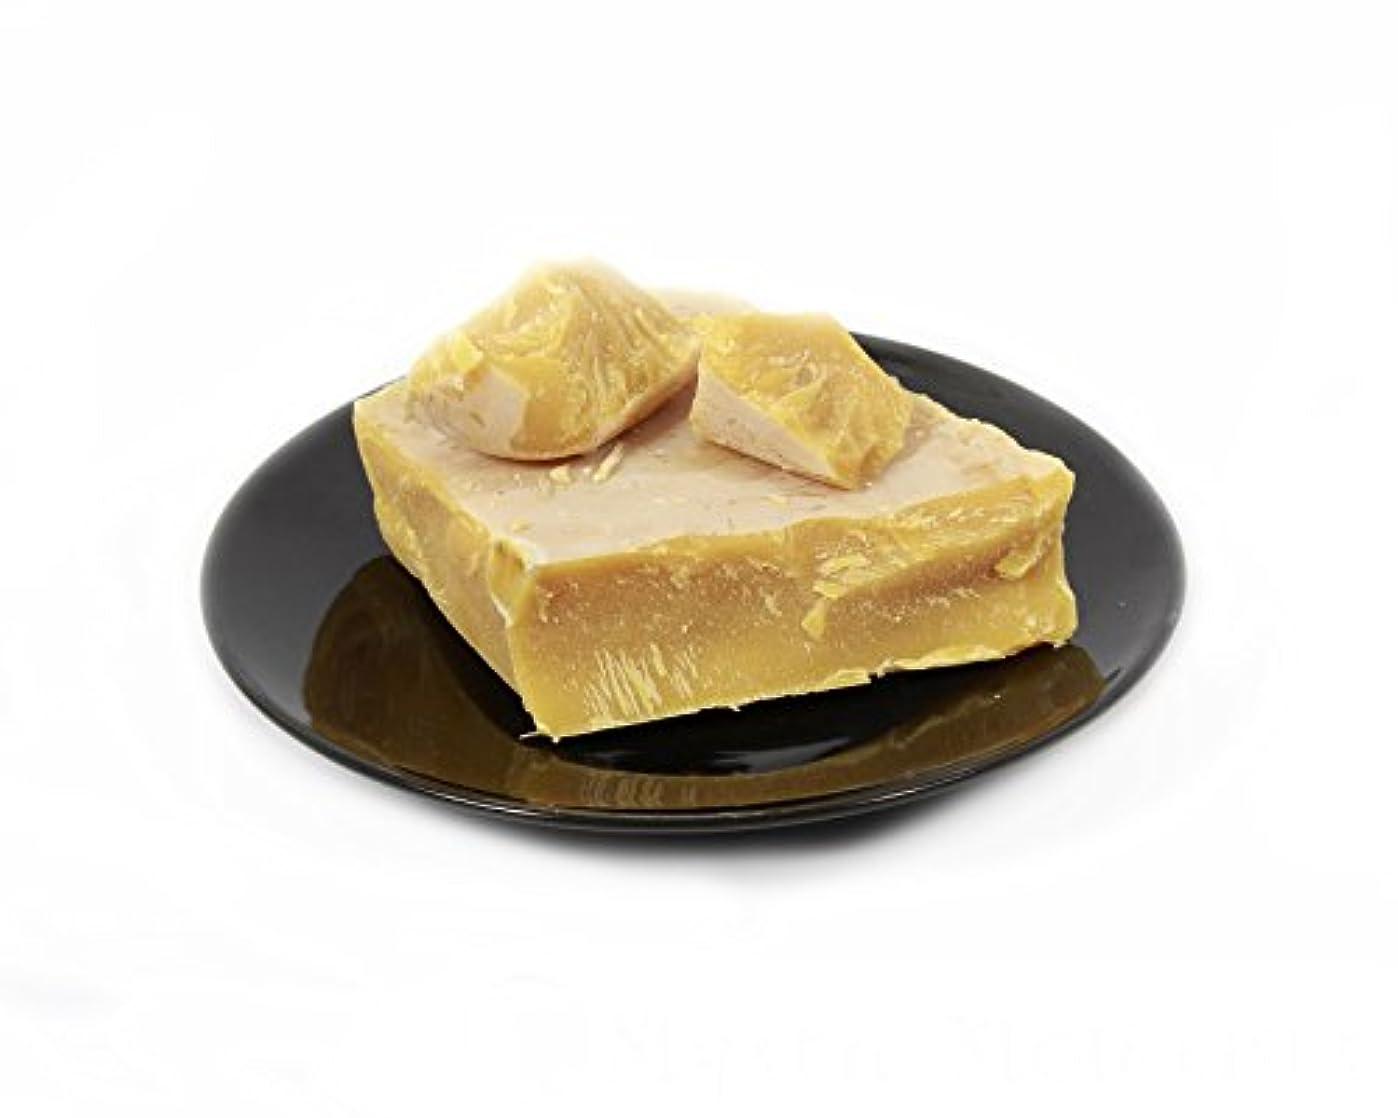 簡単にガロン結論Beeswax Block Purified Yellow (100% Natural) - 5Kg